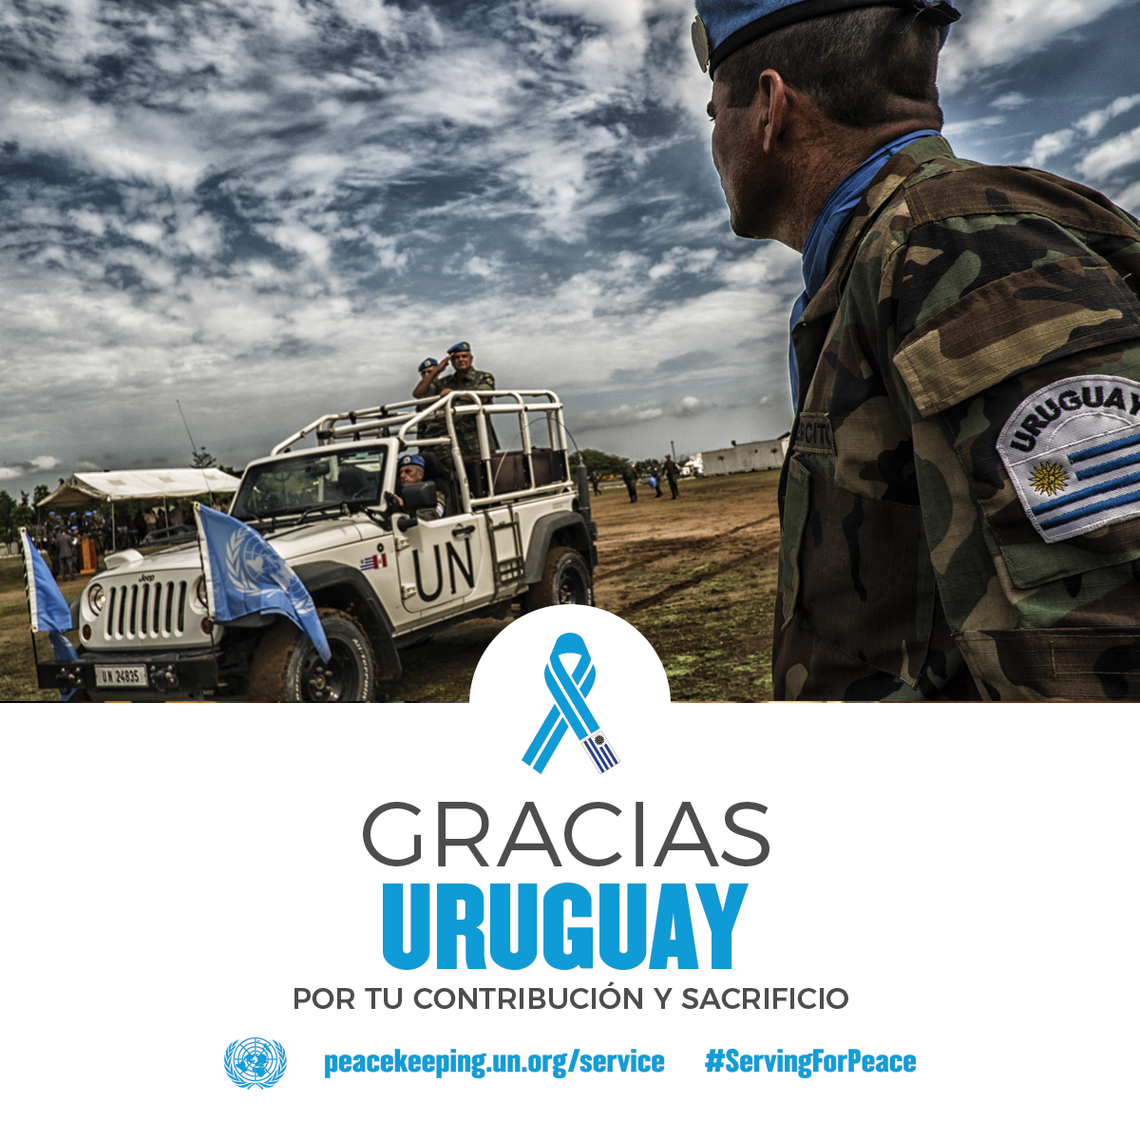 Gracias Uruguay